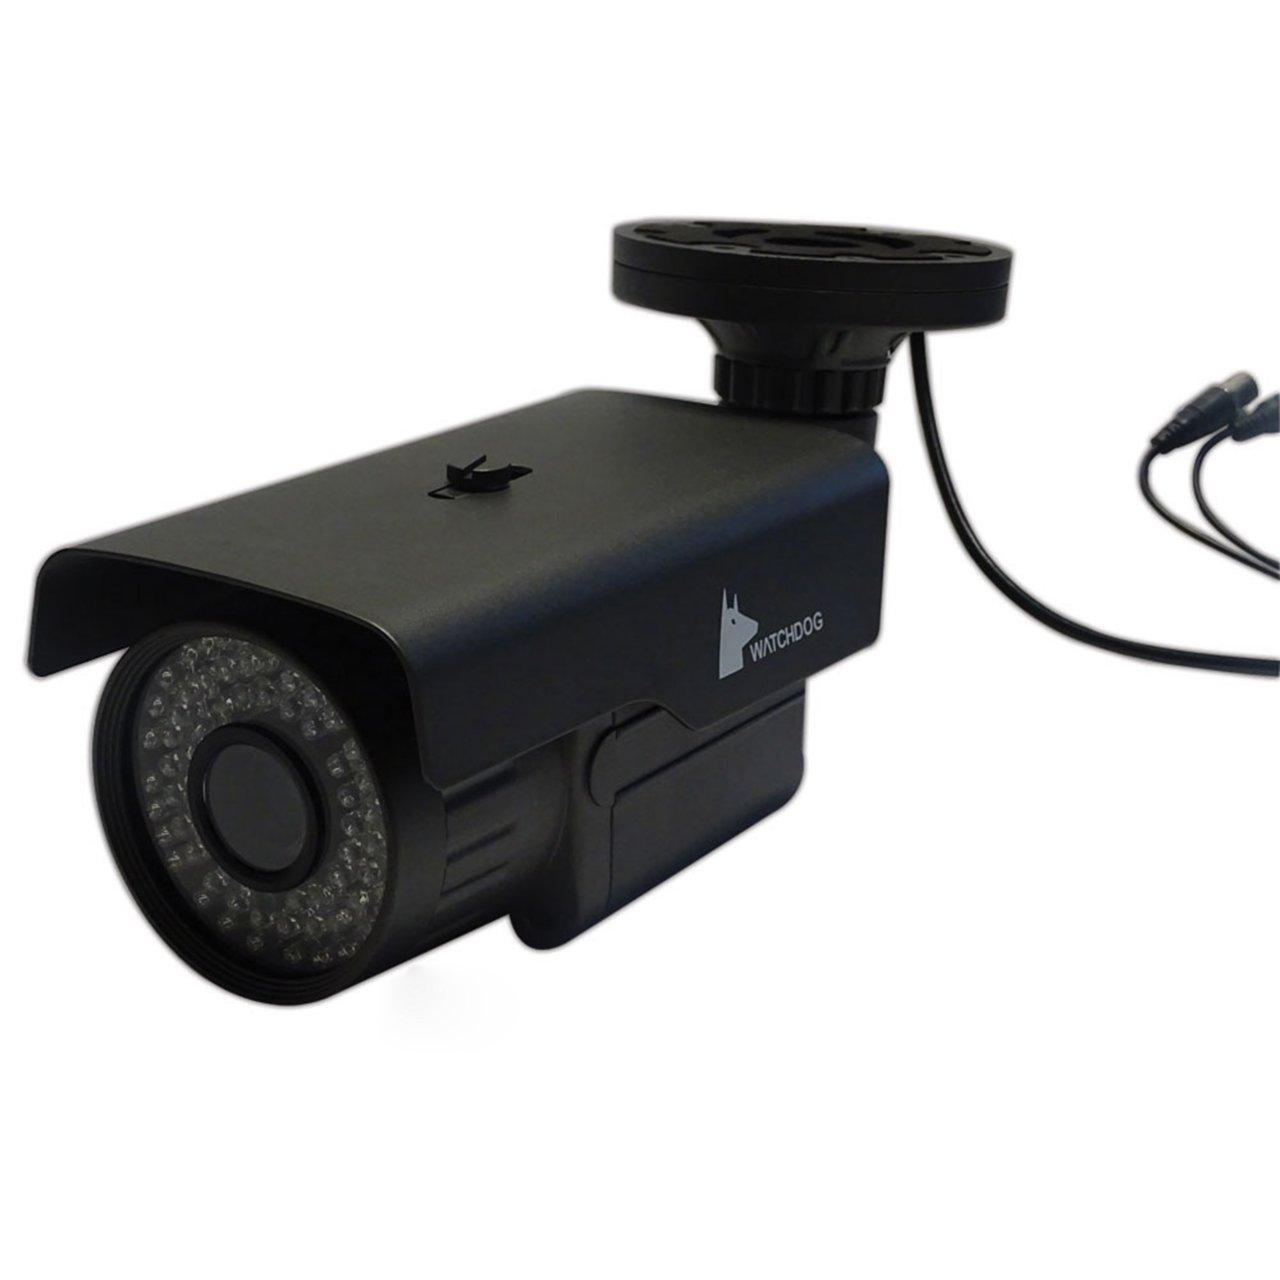 دوربین مداربسته آنالوگ واچ داگ مدل WD-9060FD